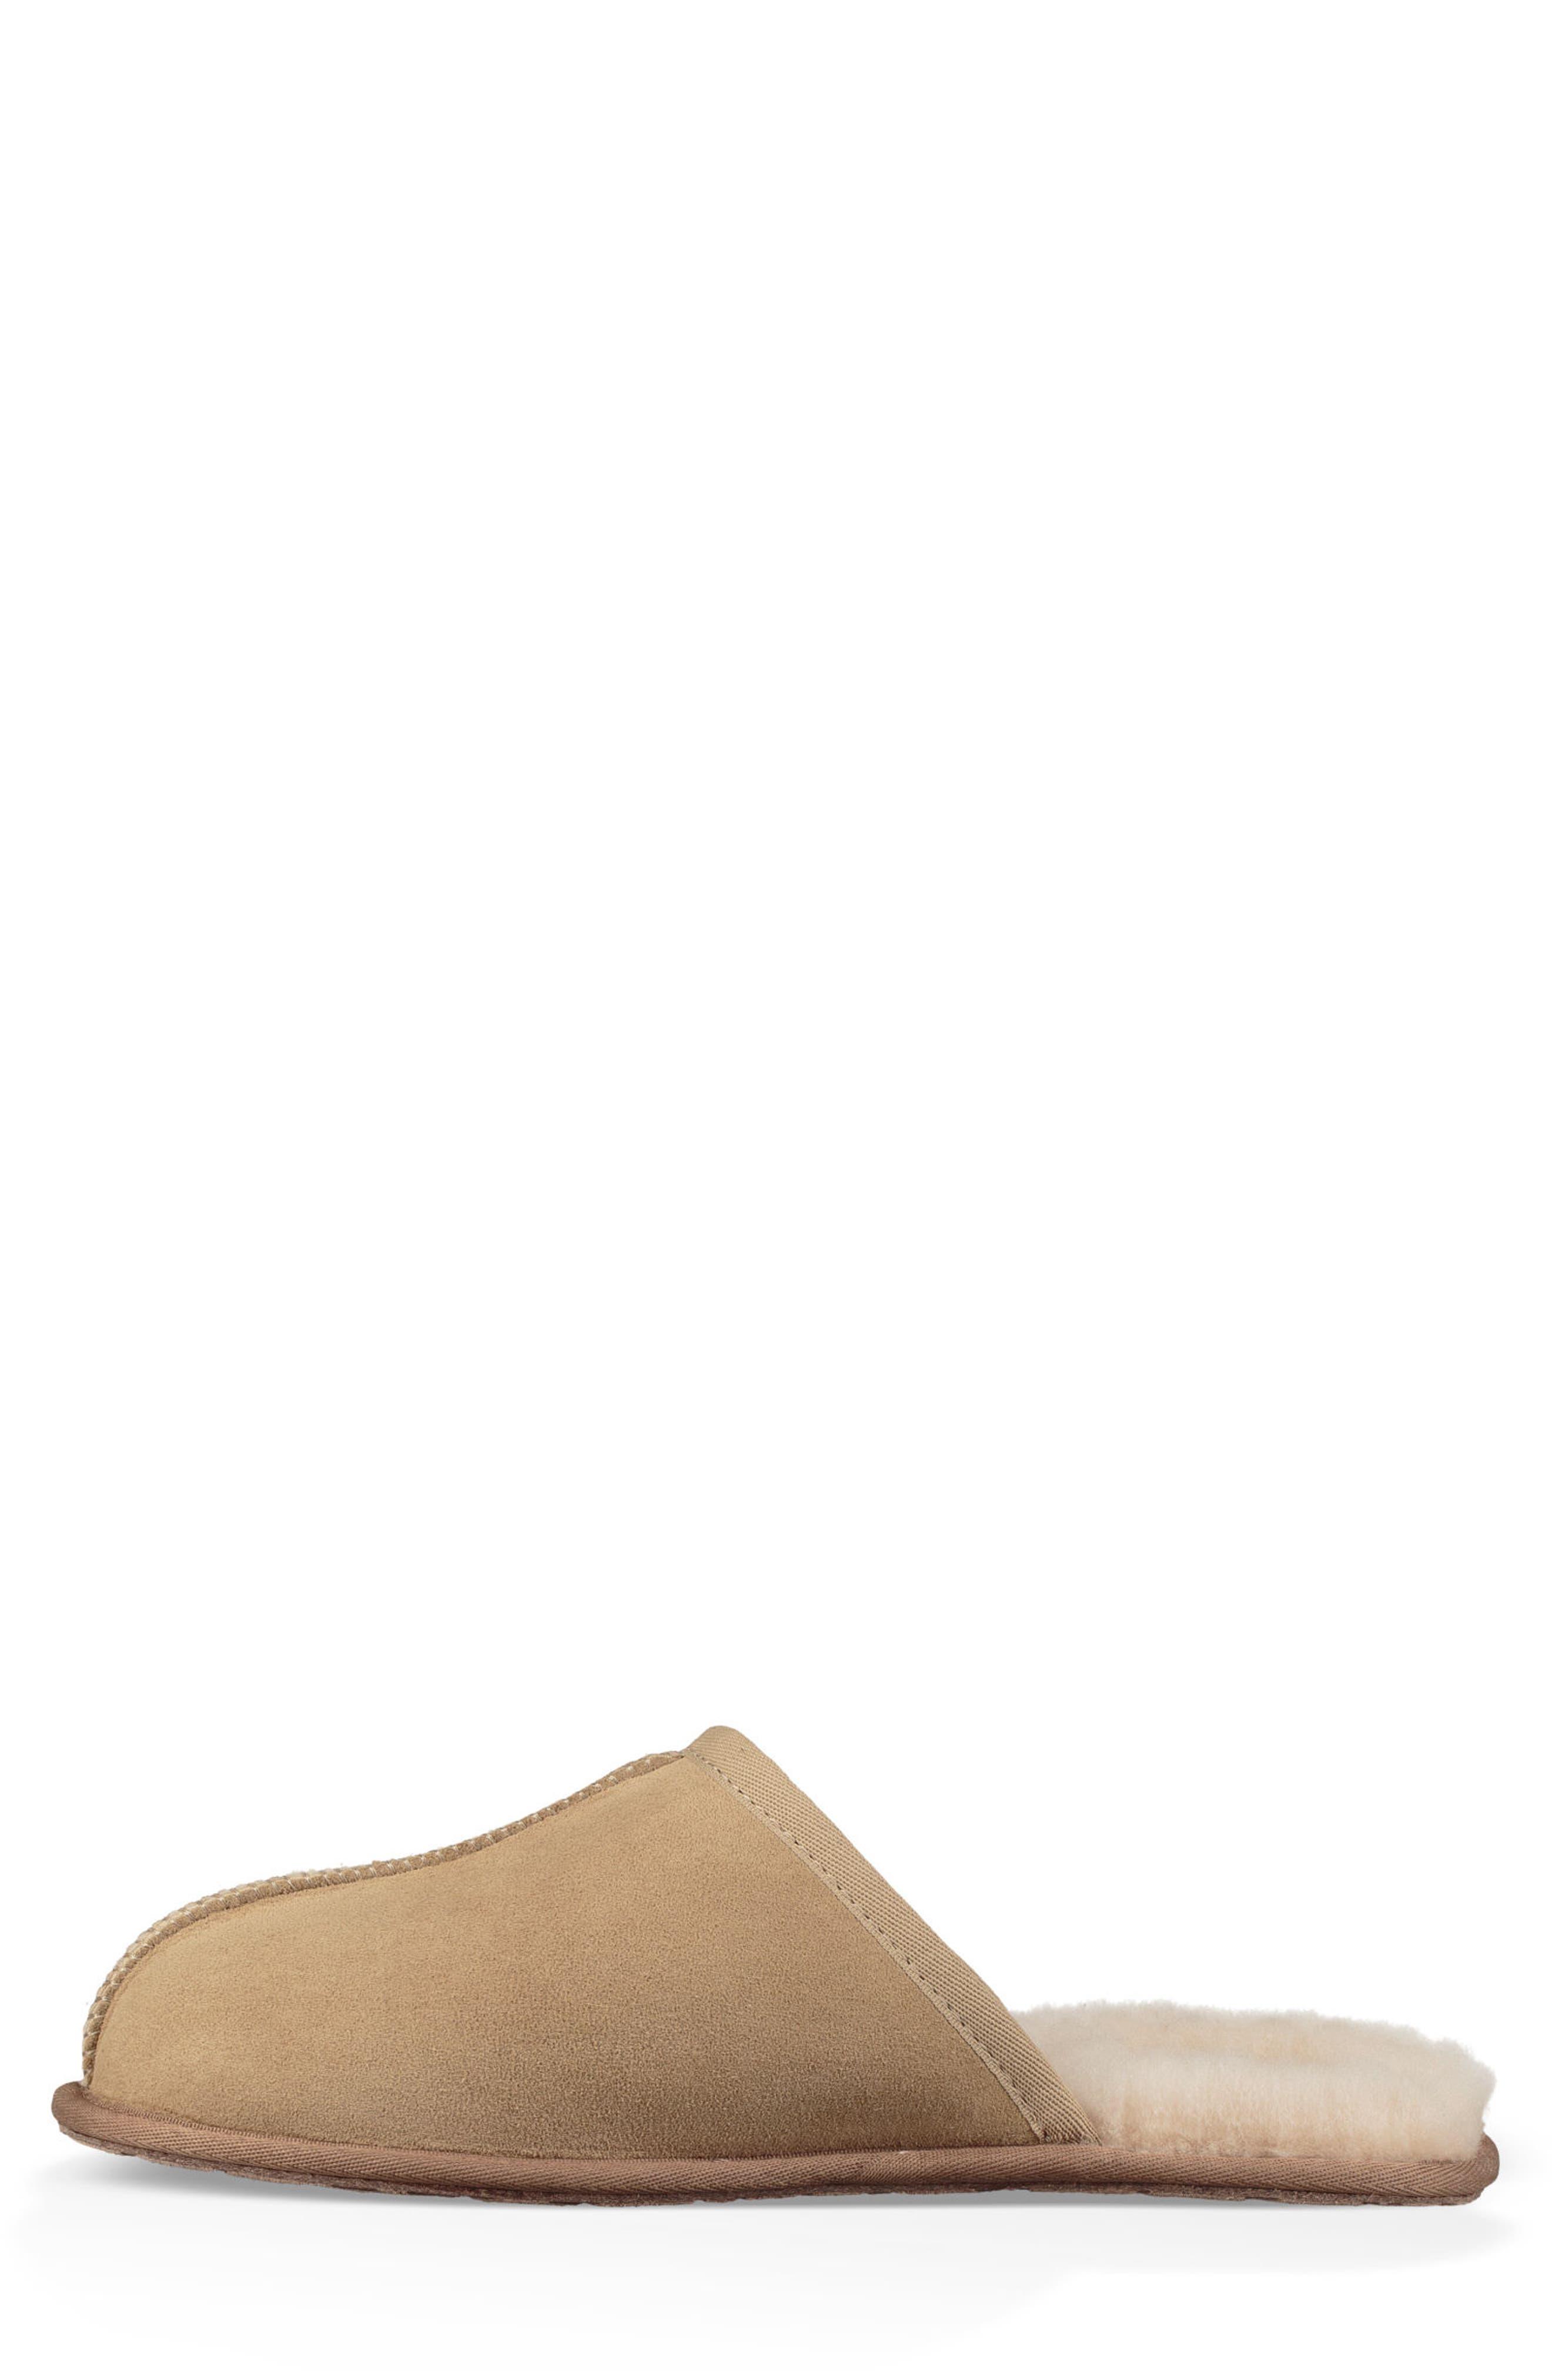 Scuff 40:40:40 Anniversary Genuine Shearling Slipper,                             Alternate thumbnail 3, color,                             SAND